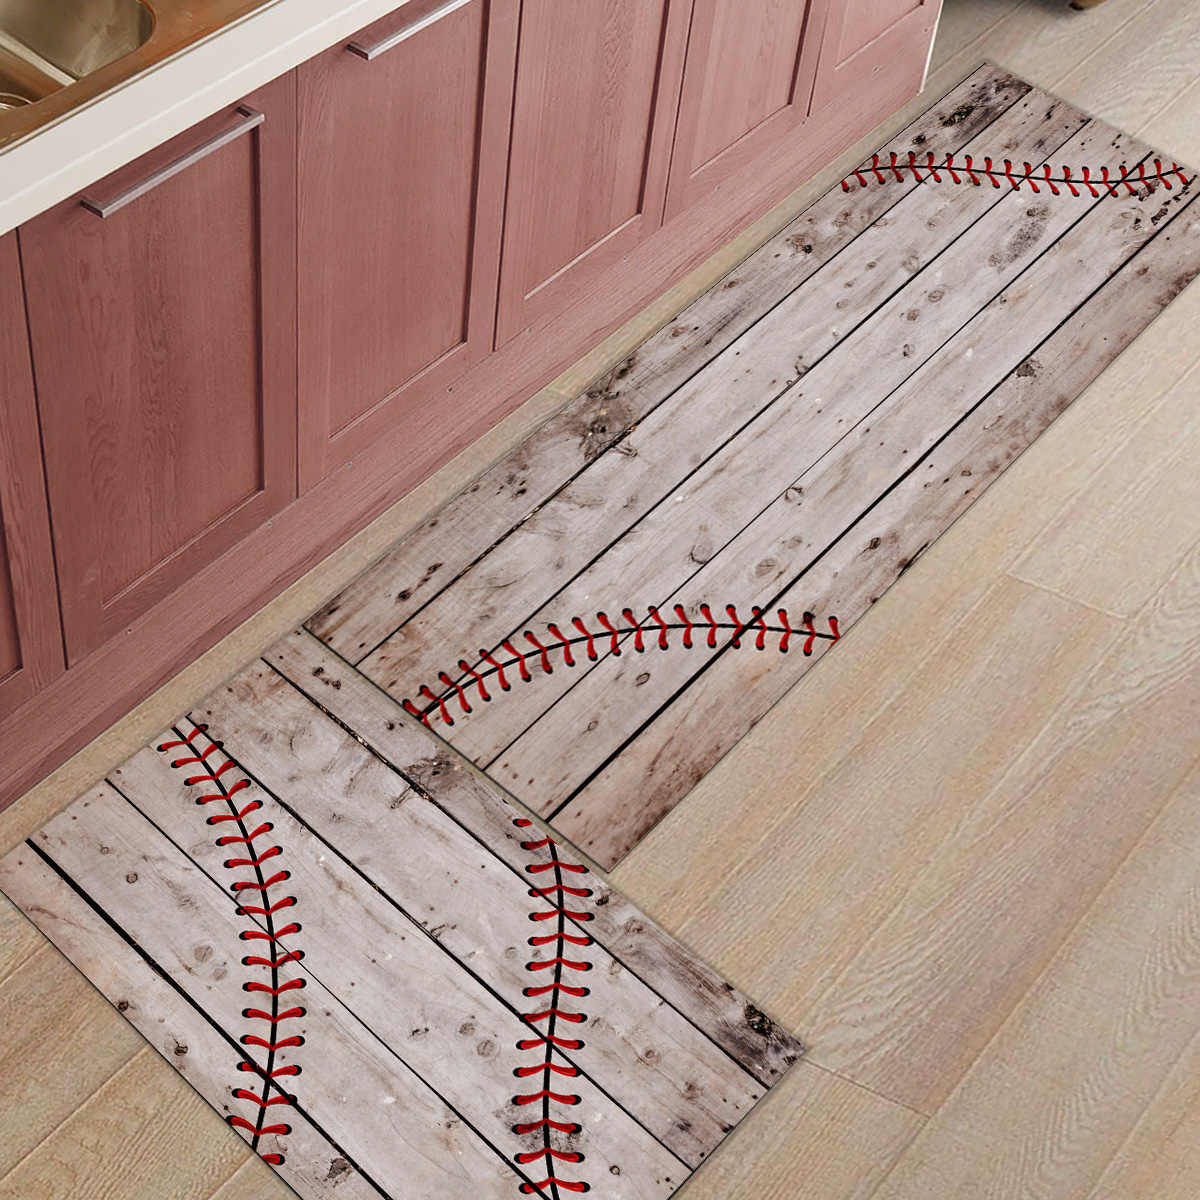 2 ชิ้น/เซ็ตRetroไม้เบสบอลกีฬาห้องครัวBathพรมพรมบ้านEntranceพรมเช็ดเท้าห้องนั่งเล่นเสื่อชั้นพรม